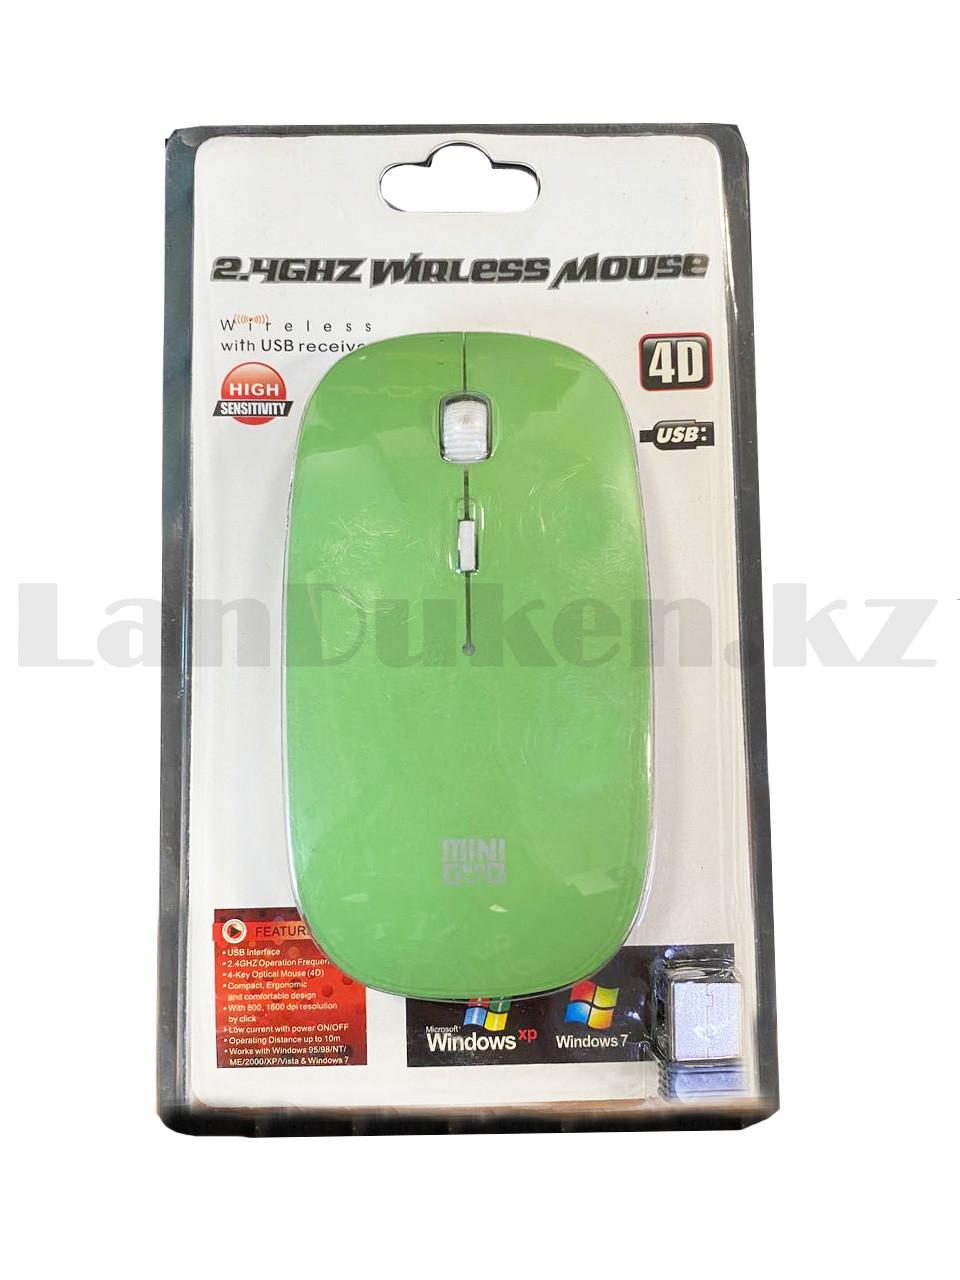 Компьютерная мышь беспроводная оптическая тонкая 1600 dpi USB Mini Good Wireless Mouse зеленая - фото 10